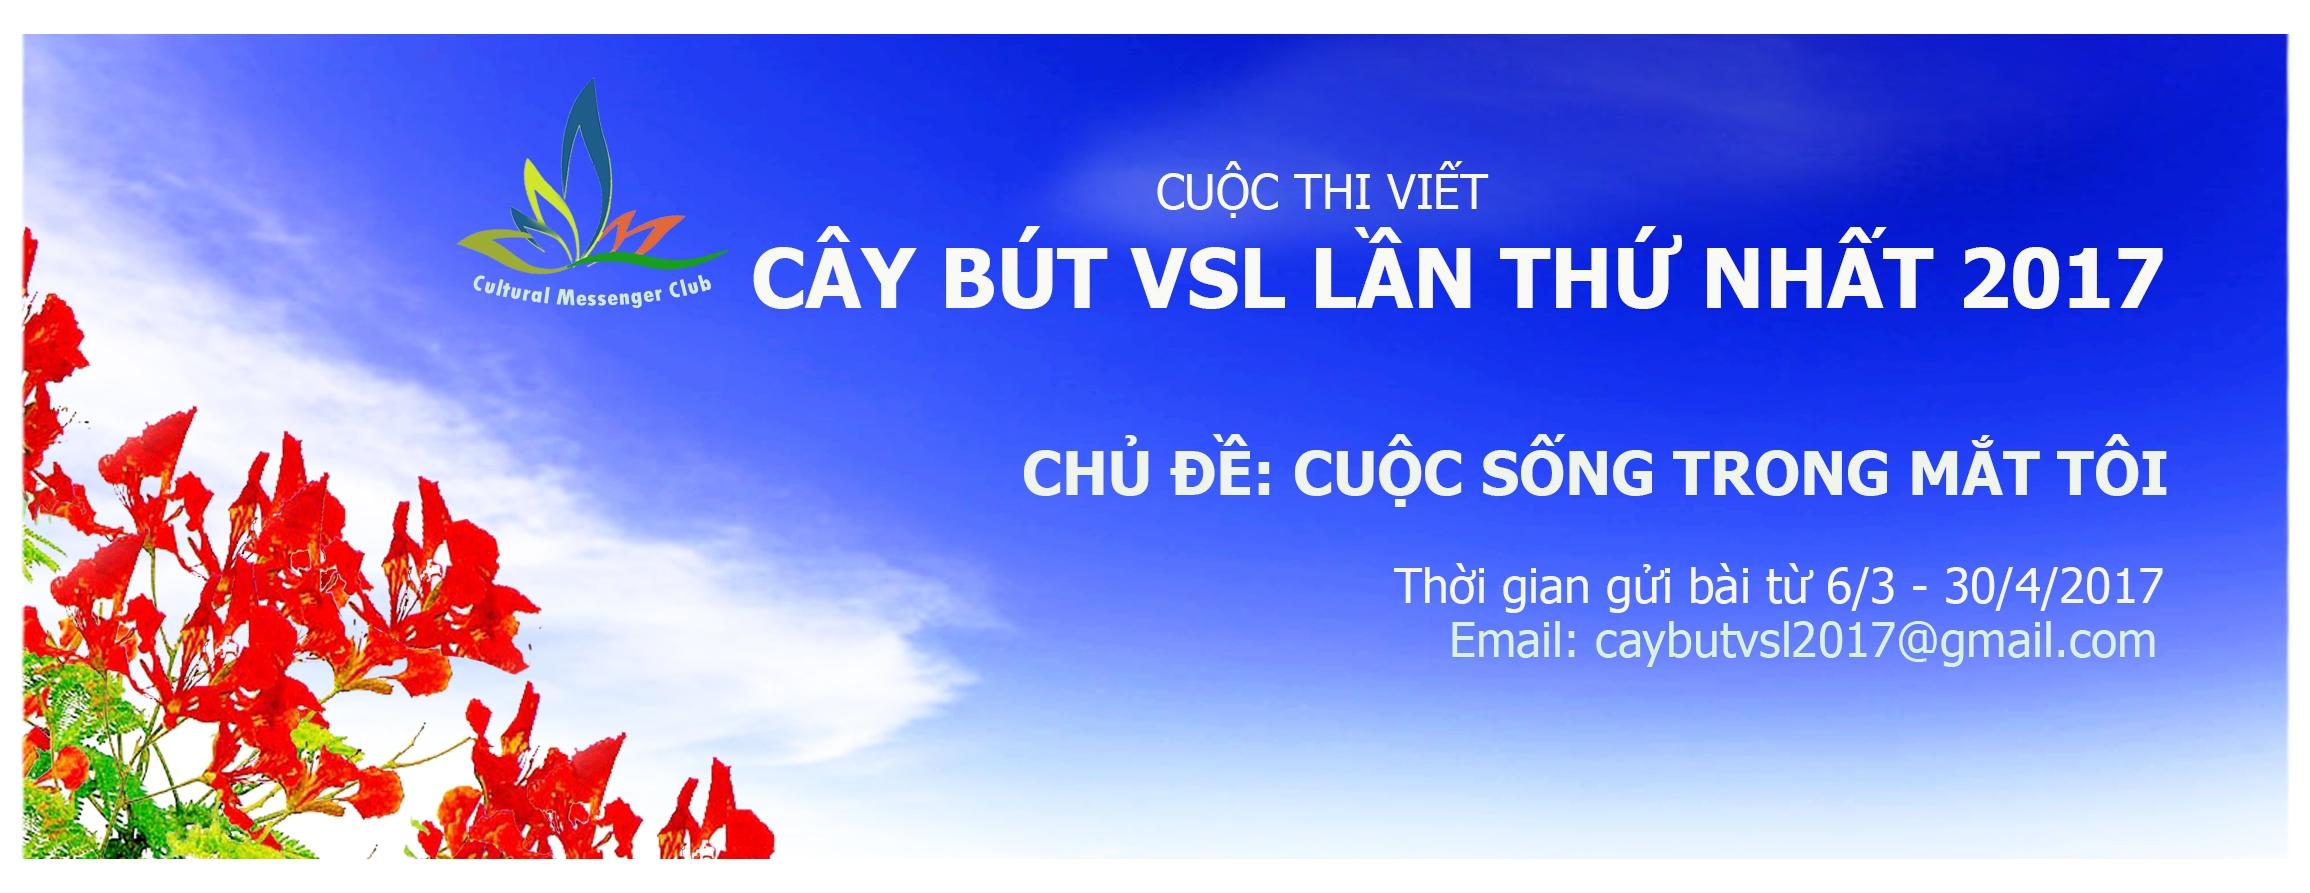 Phát động cuộc thi viết Cây bút VSL lần thứ nhất (2017)